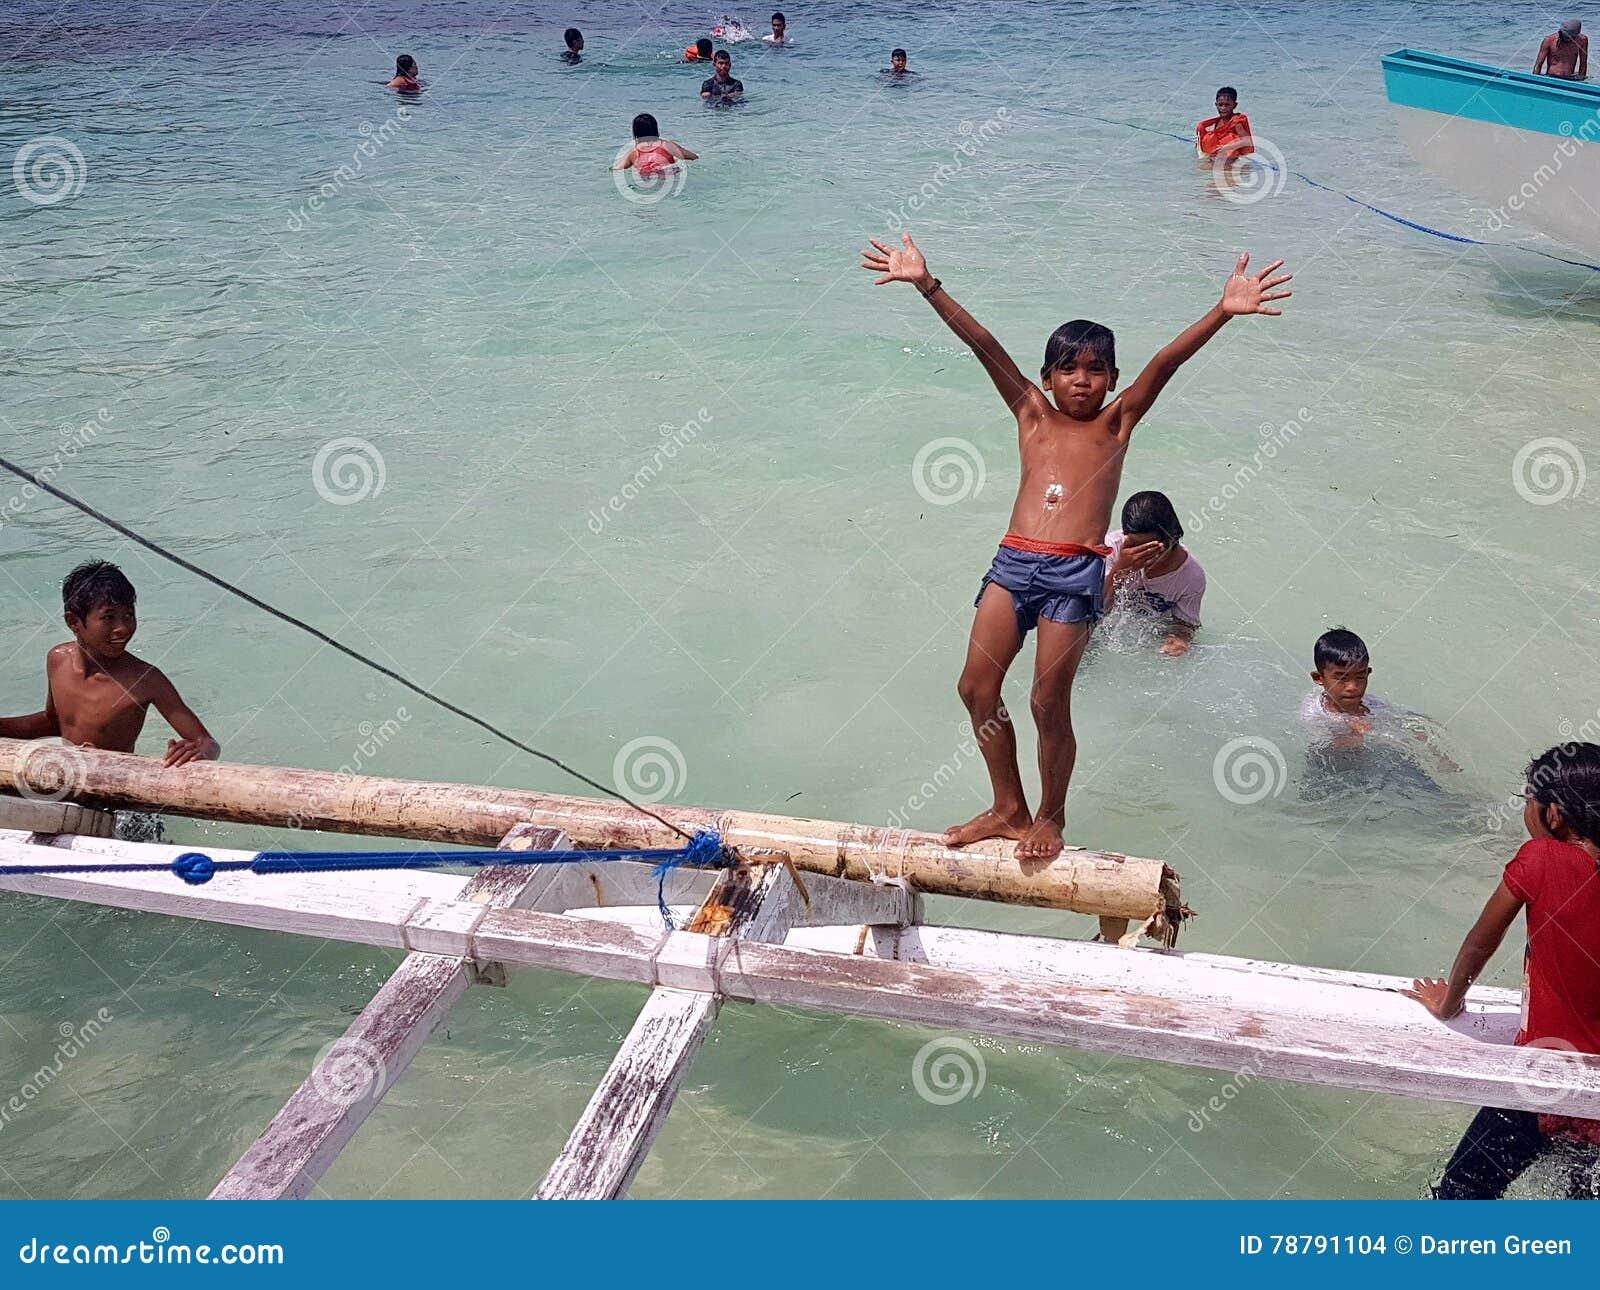 Frohe Weihnachten Philippinisch.Philippinische Kinder Die Am Strand Spielen Und Schwimmen